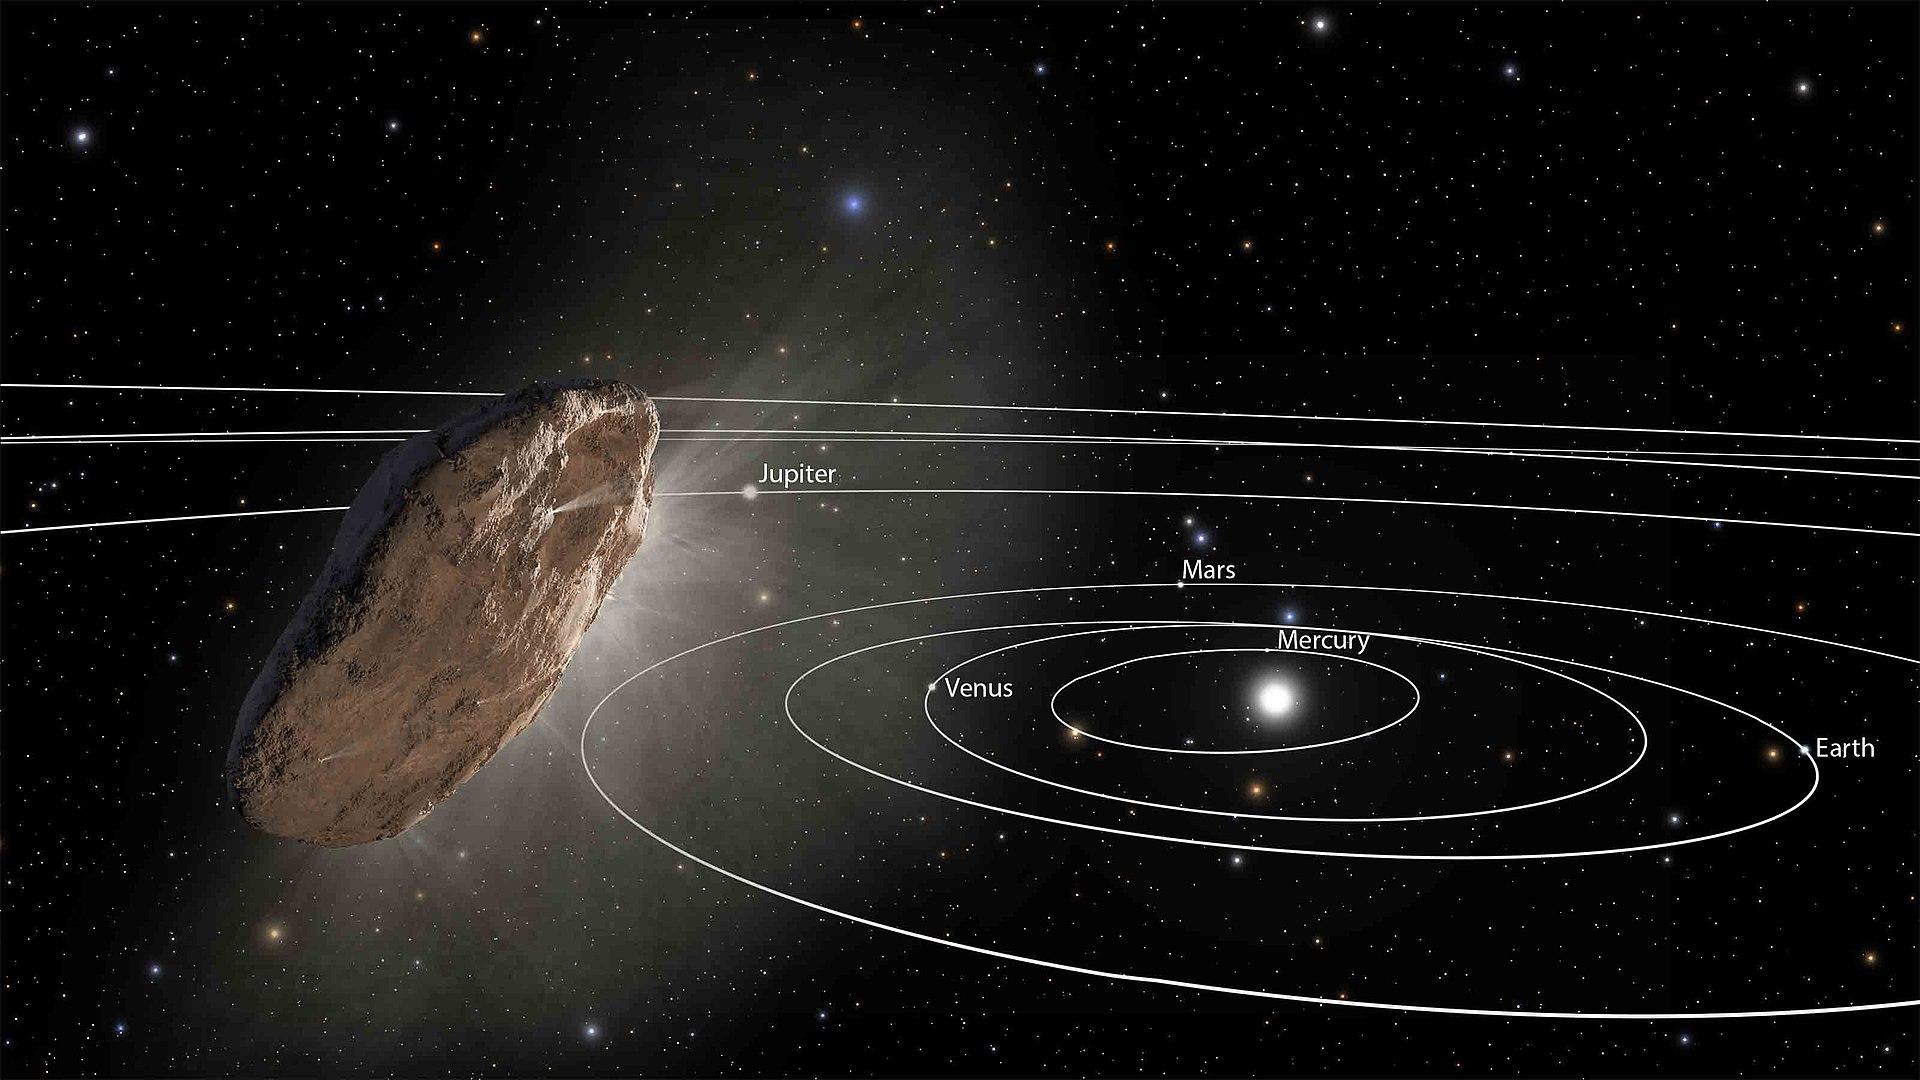 Otra recreación artística de Oumuamua, que podría ser una nave extraterrestre según una nueva investigación (NASA/ESA/STScI)